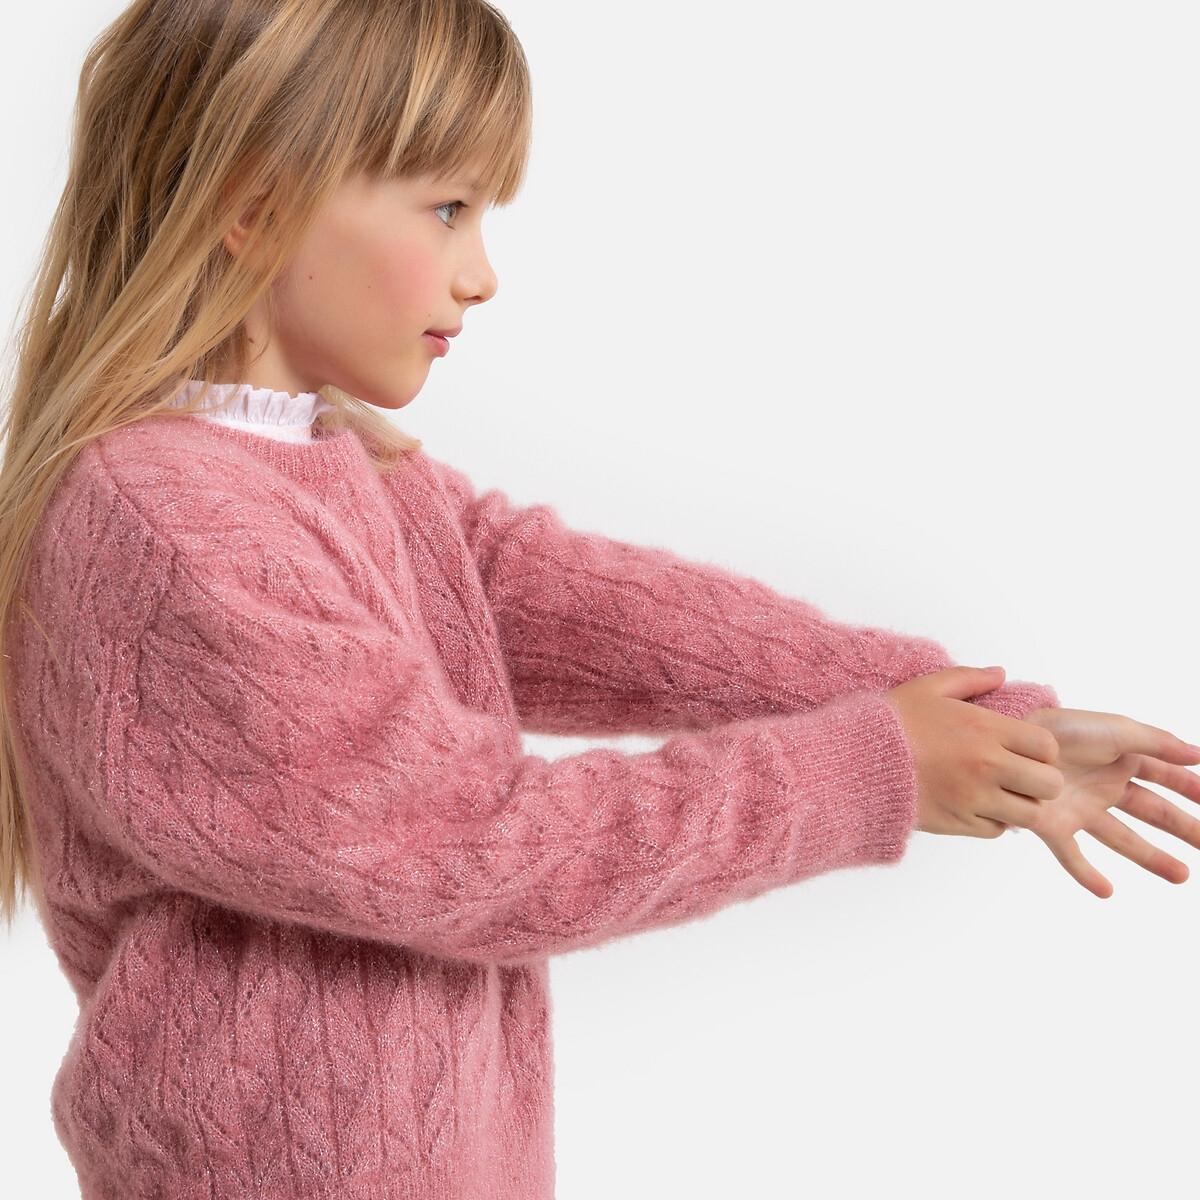 Пуловер LaRedoute С круглым вырезом из трикотажа крупной вязки 3-12 лет 6 - 114 см розовый